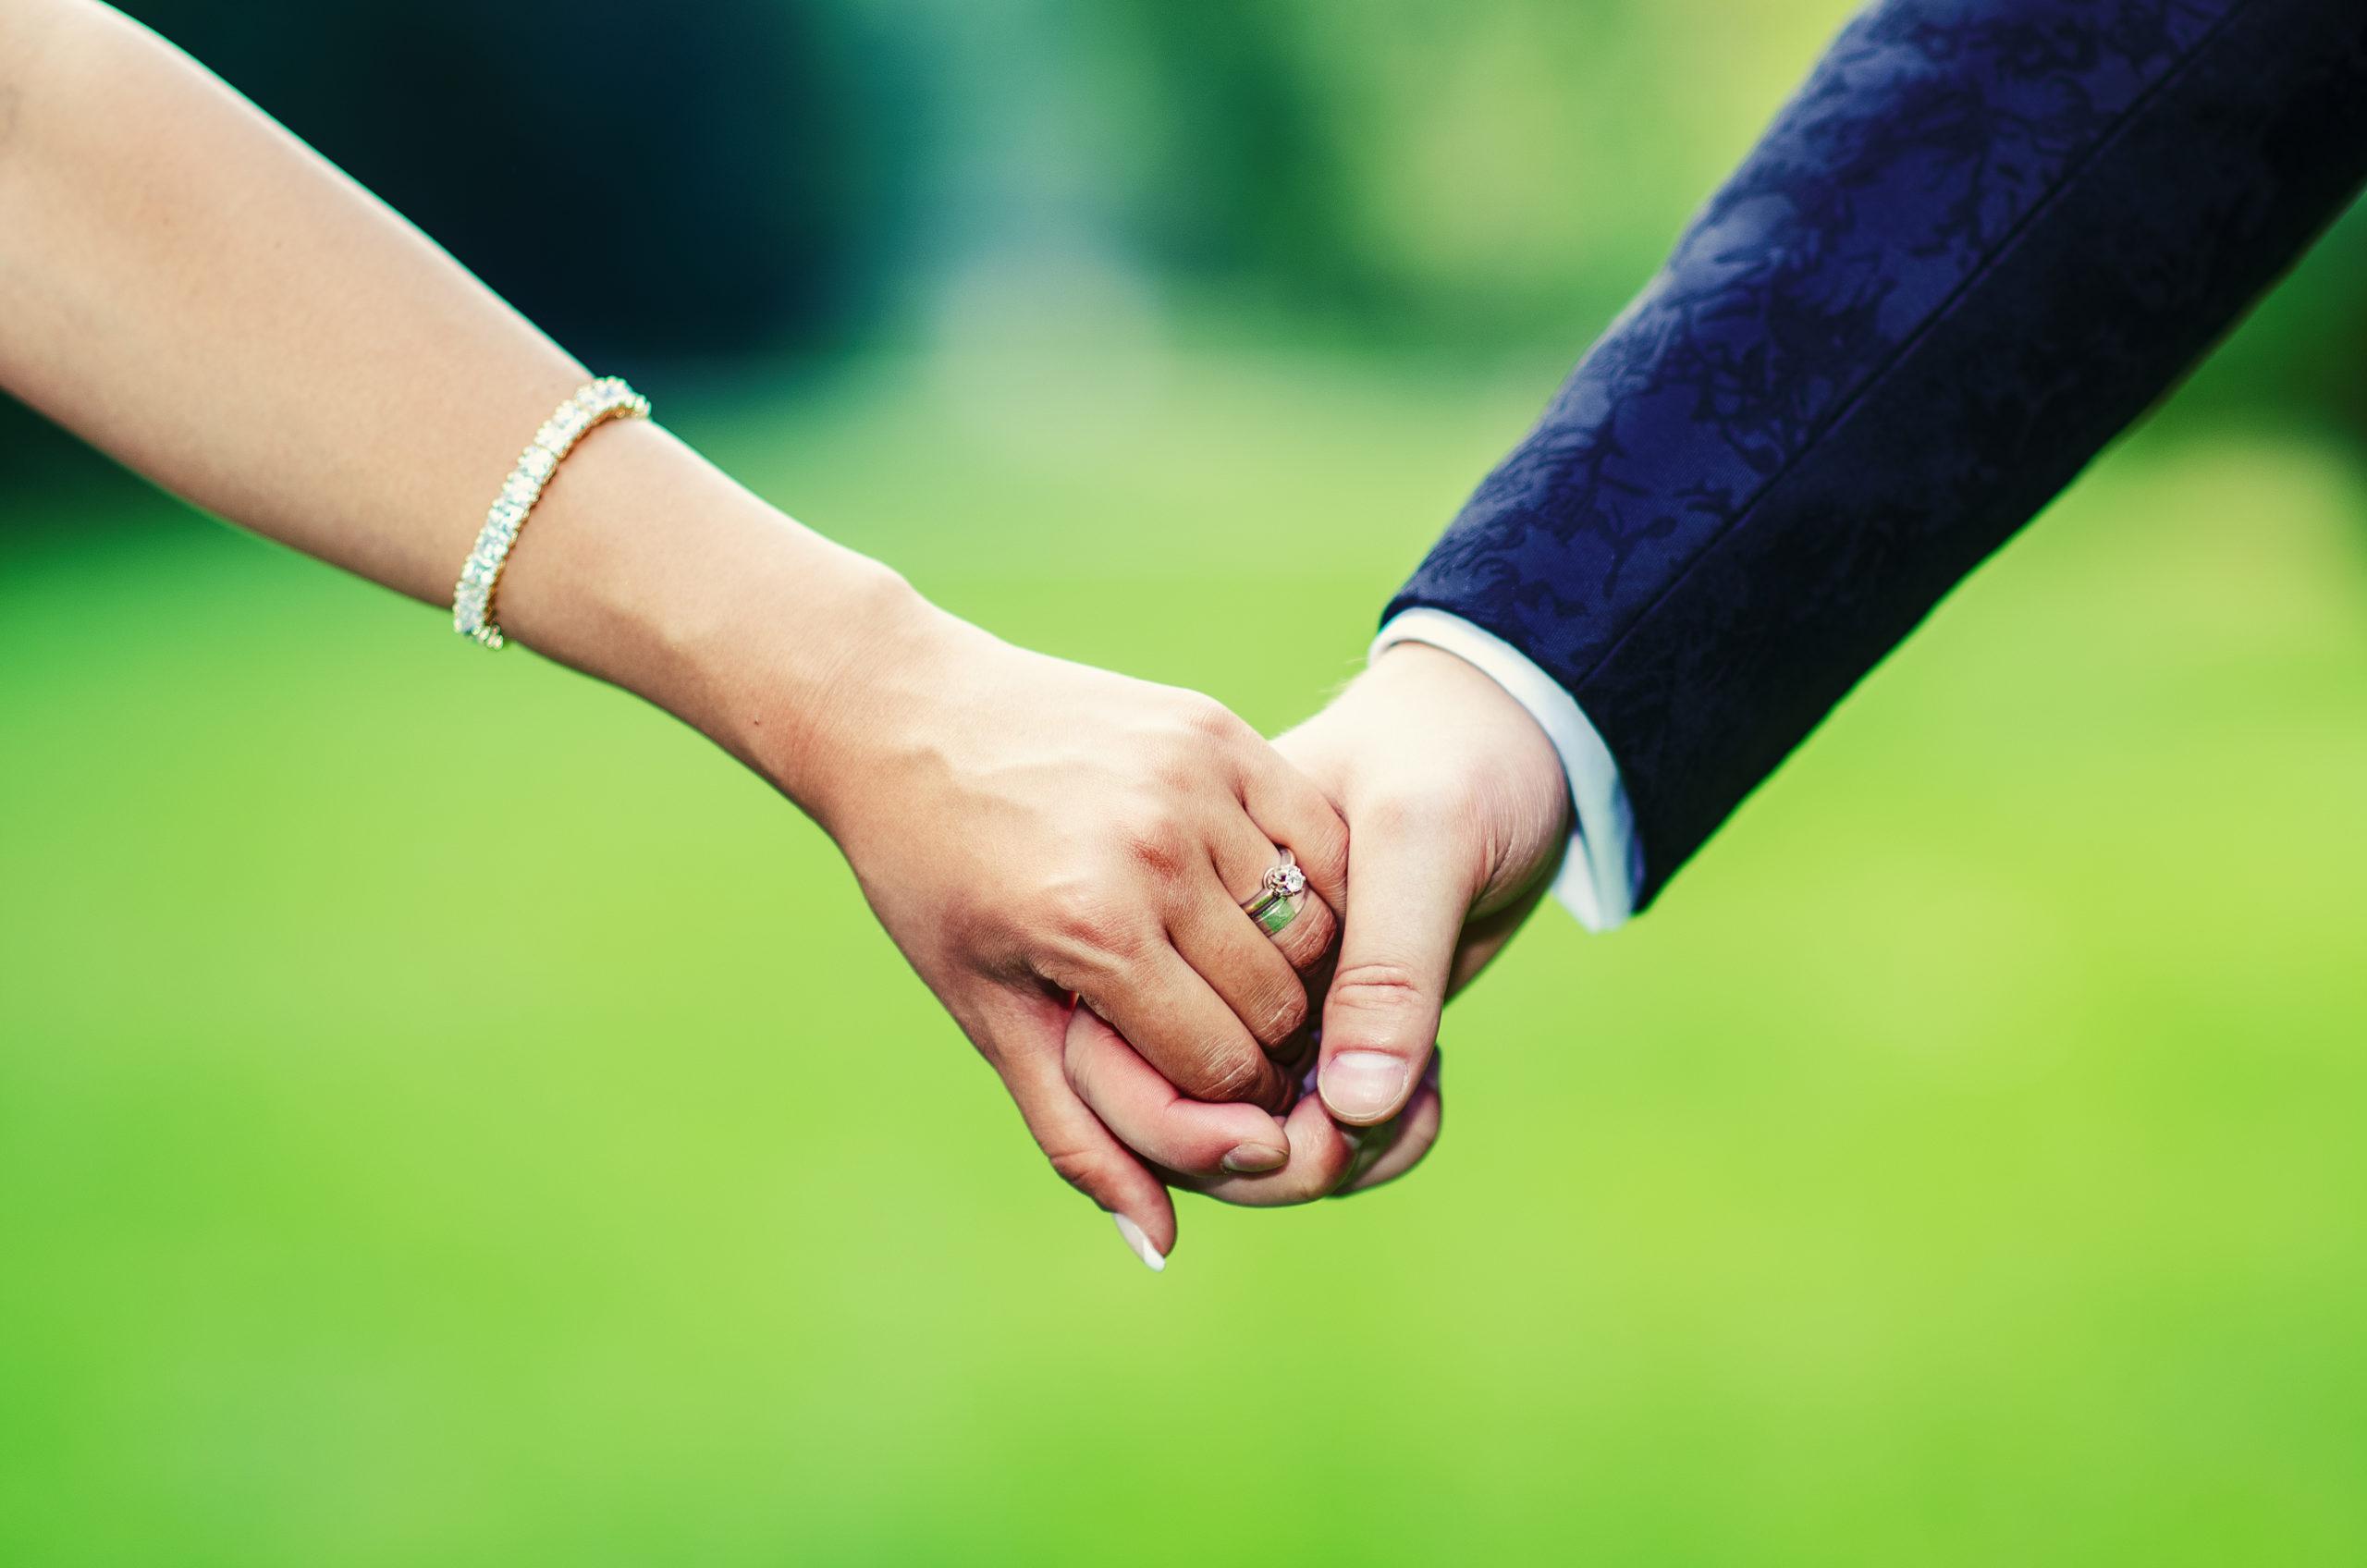 bride-groom-holding-hands-186336611